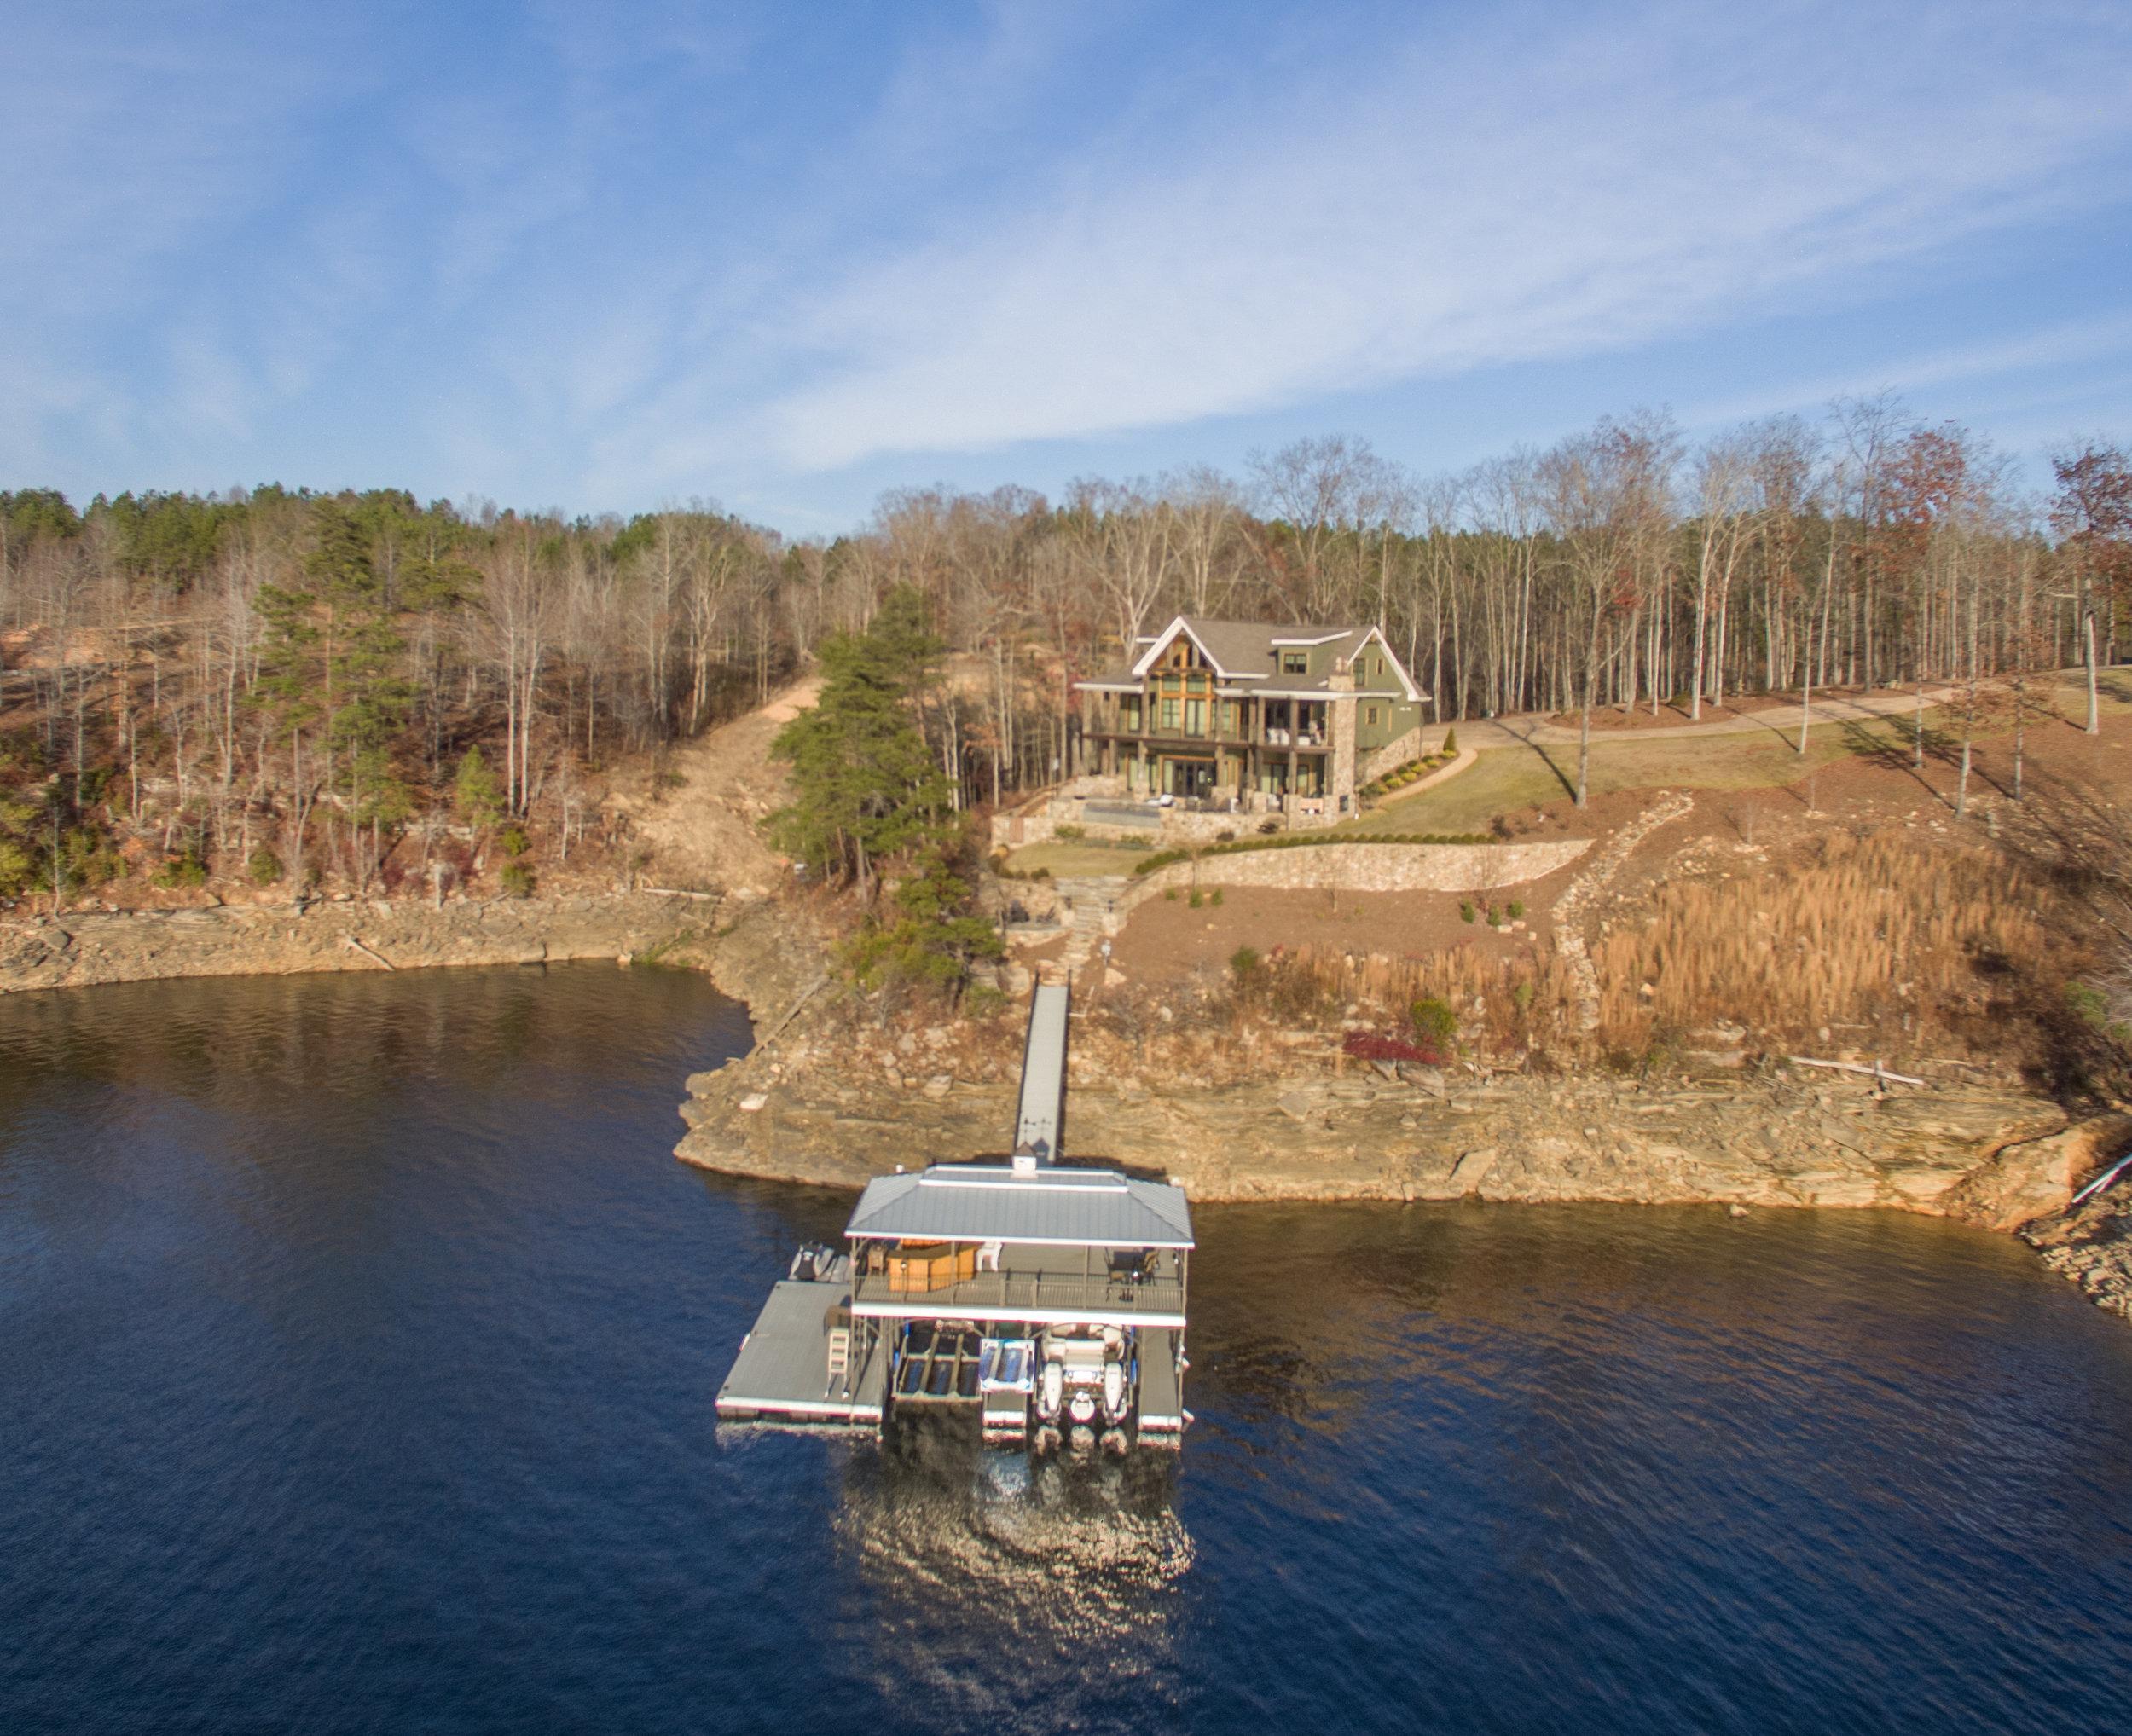 dave-warren-cullman-aerial-photography-smith-lake-justin-dyar--60.jpg